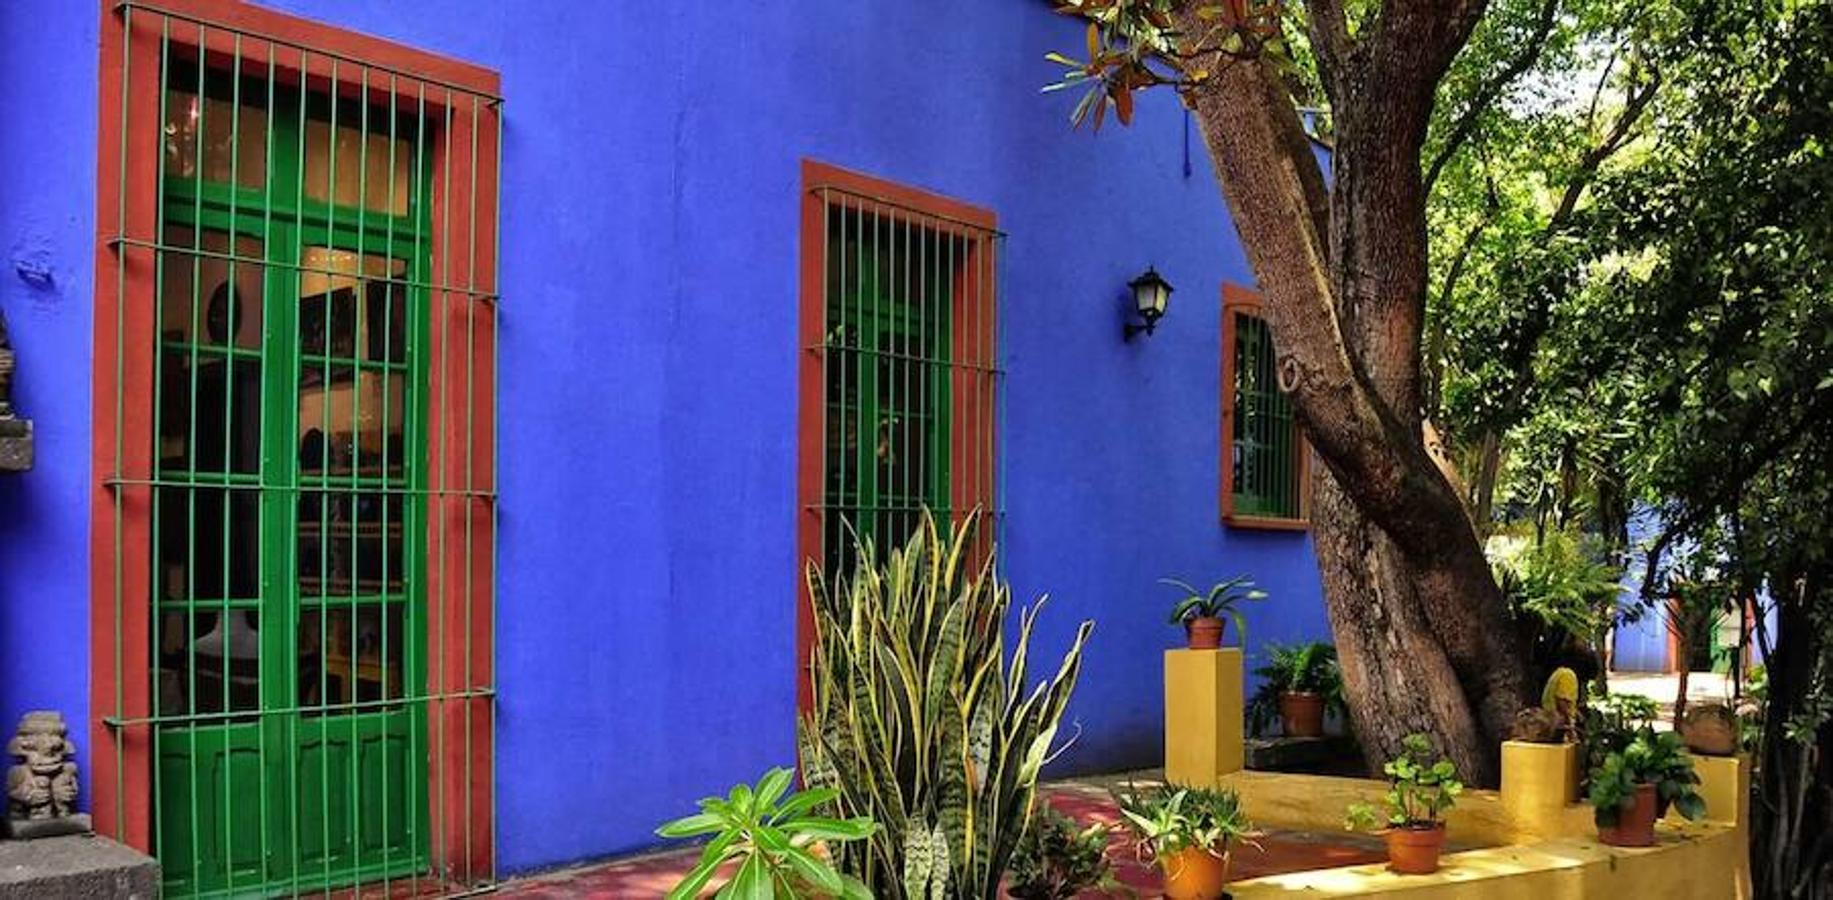 Fachada exterior de la Casa Azul